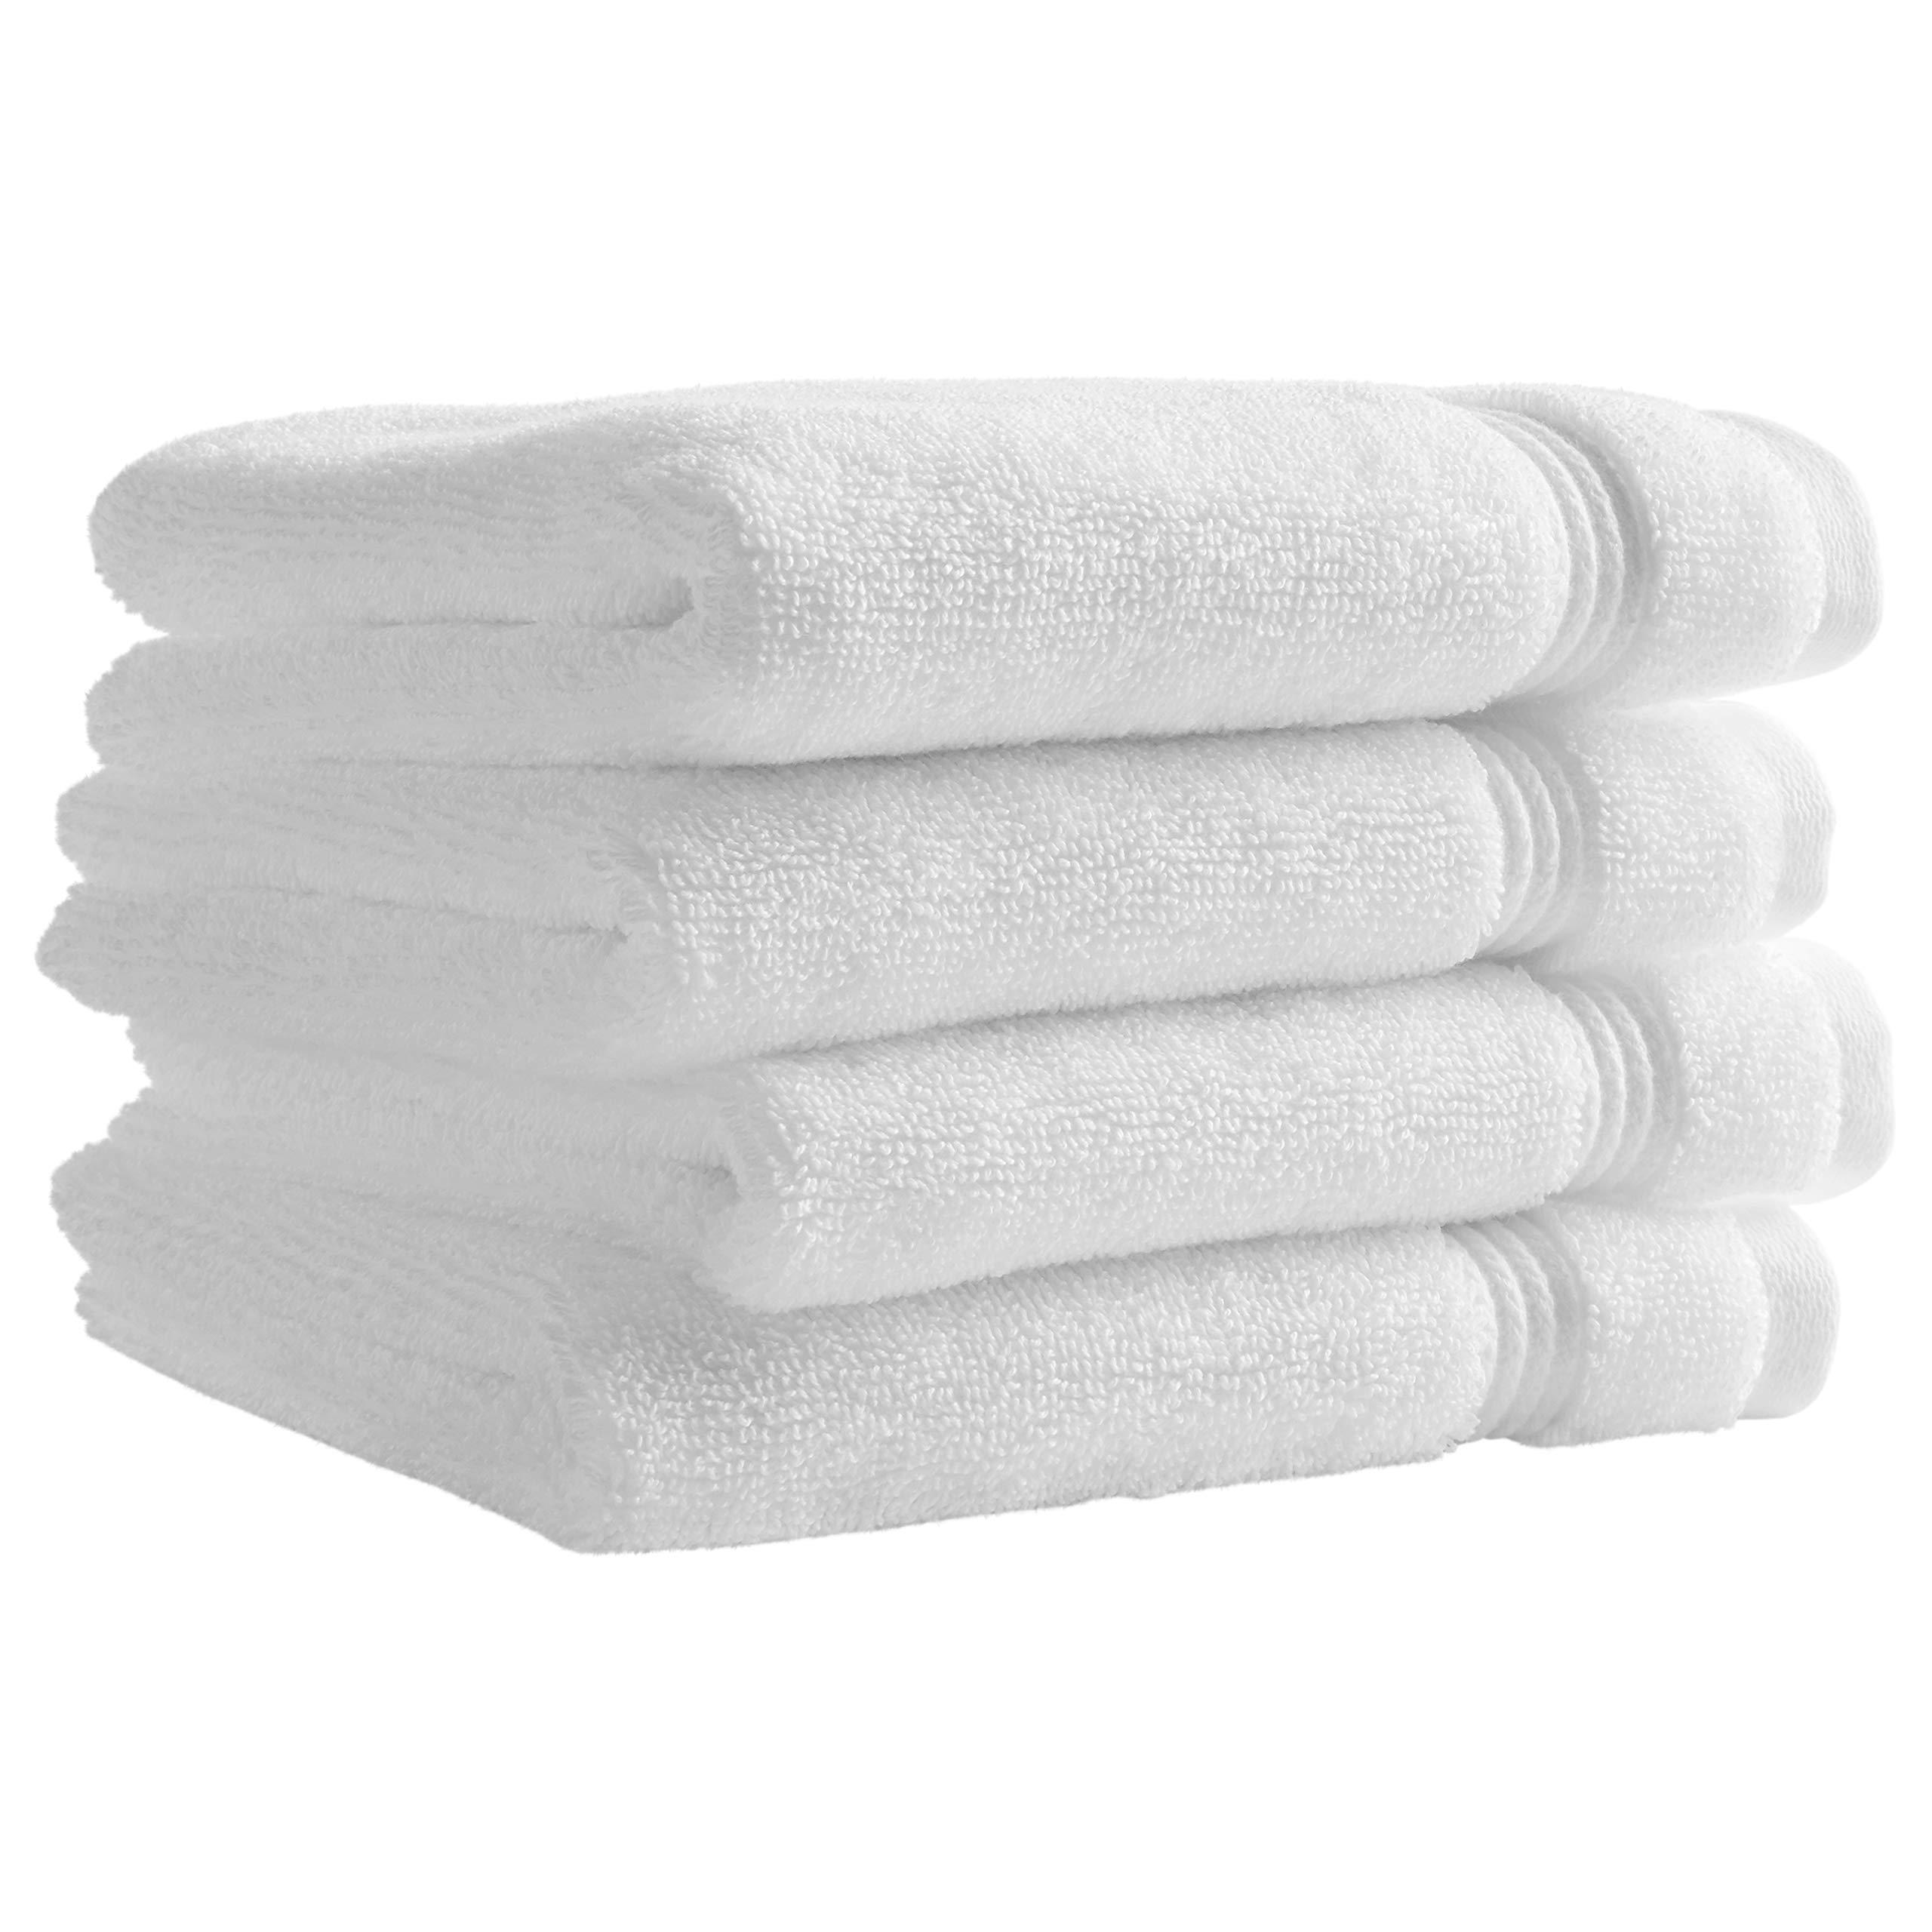 Rivet Classic Supima Cotton Washcloth Set, 4-Pack, Bright White